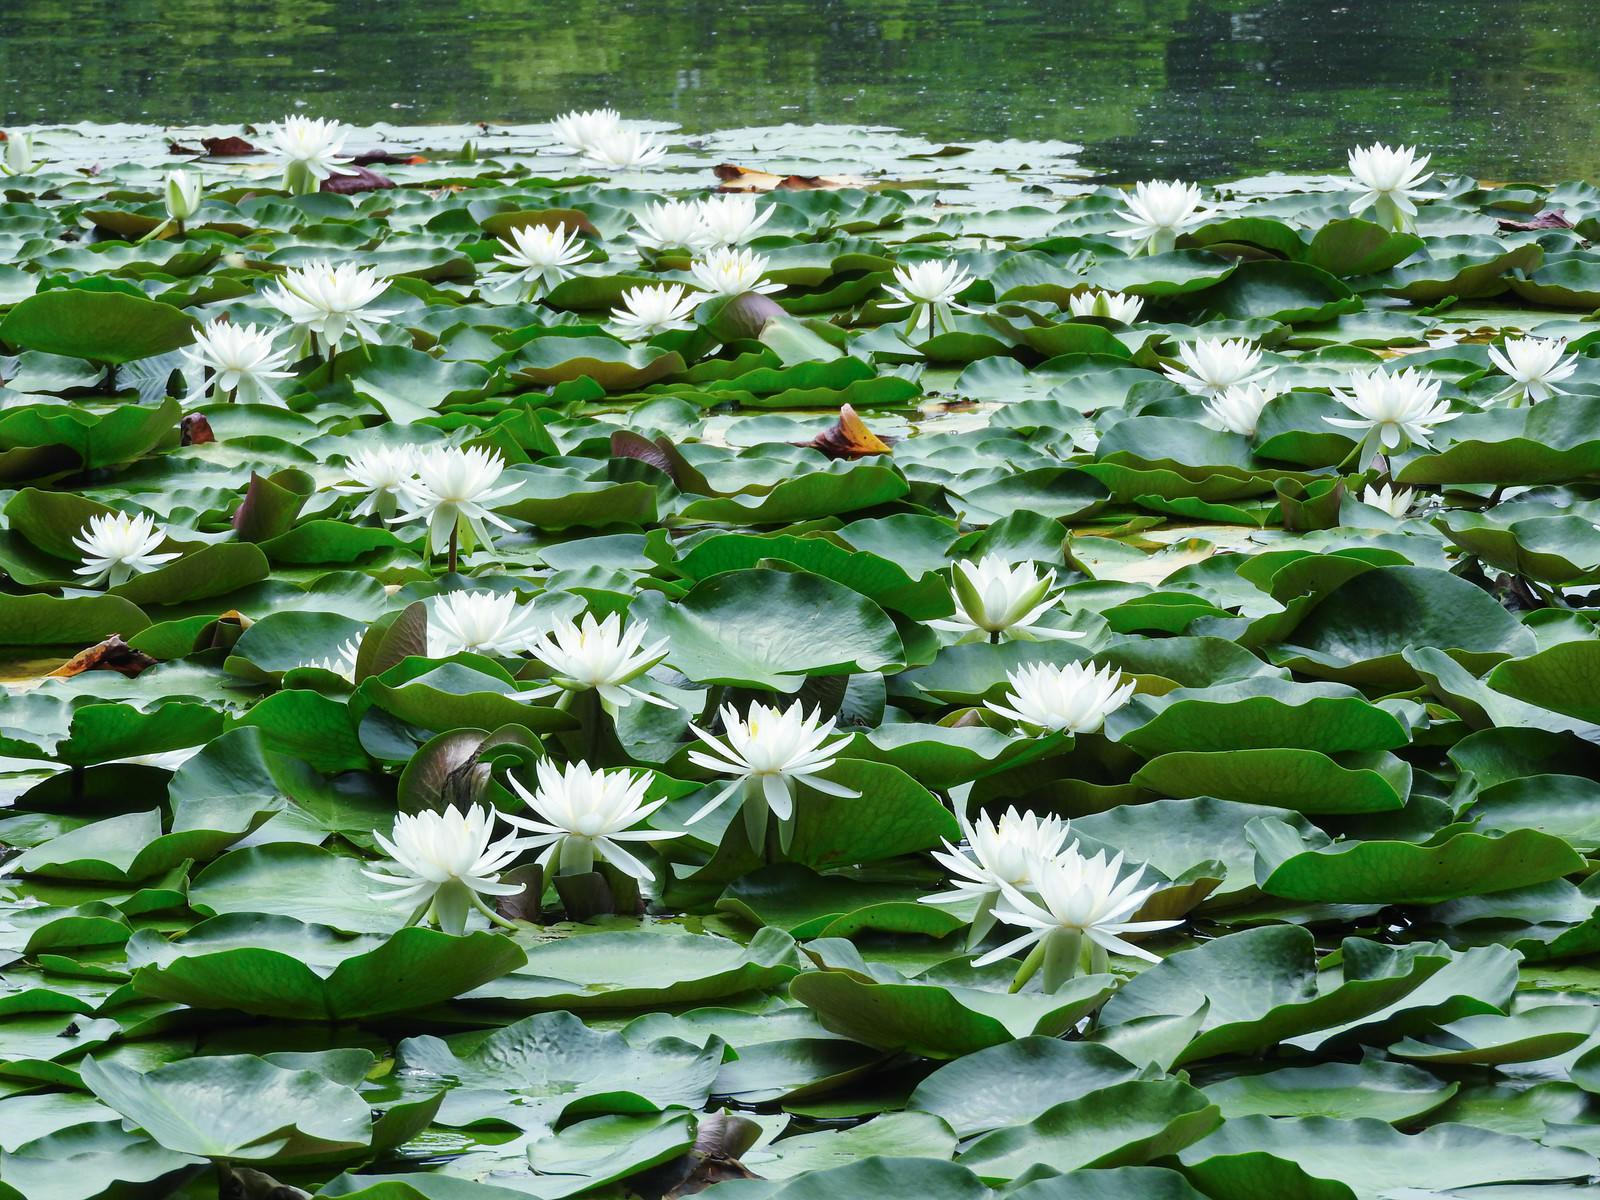 「池に咲く睡蓮」の写真